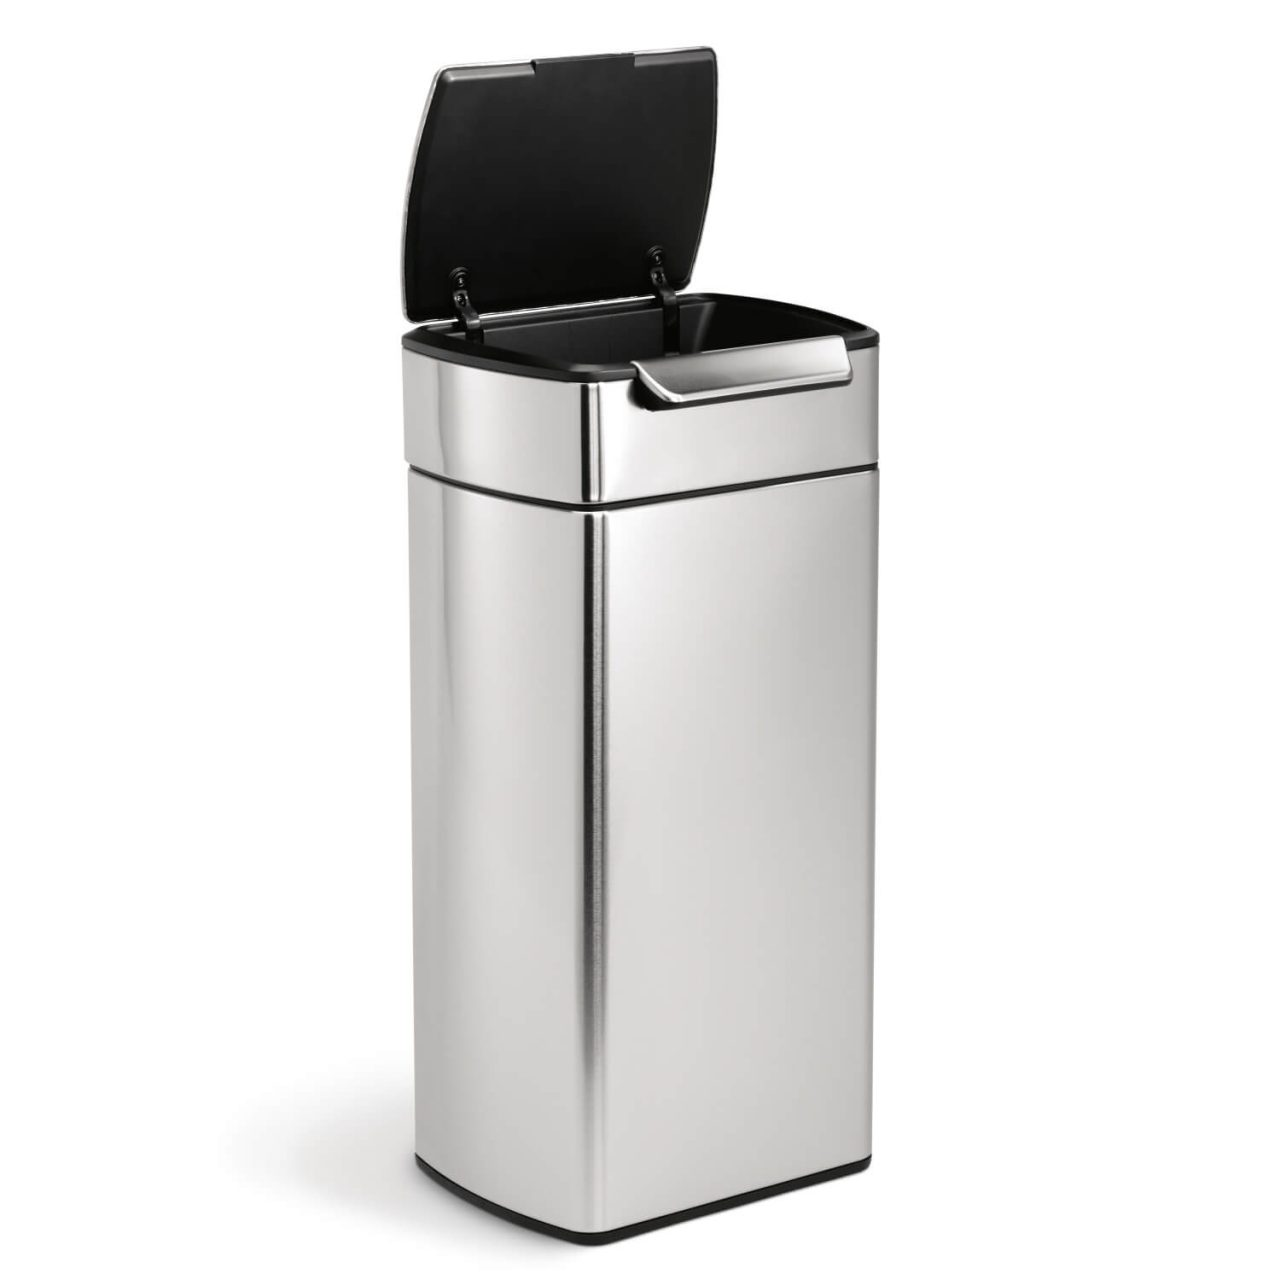 シンプルヒューマン(simplehuman)のタッチバー式ゴミ箱